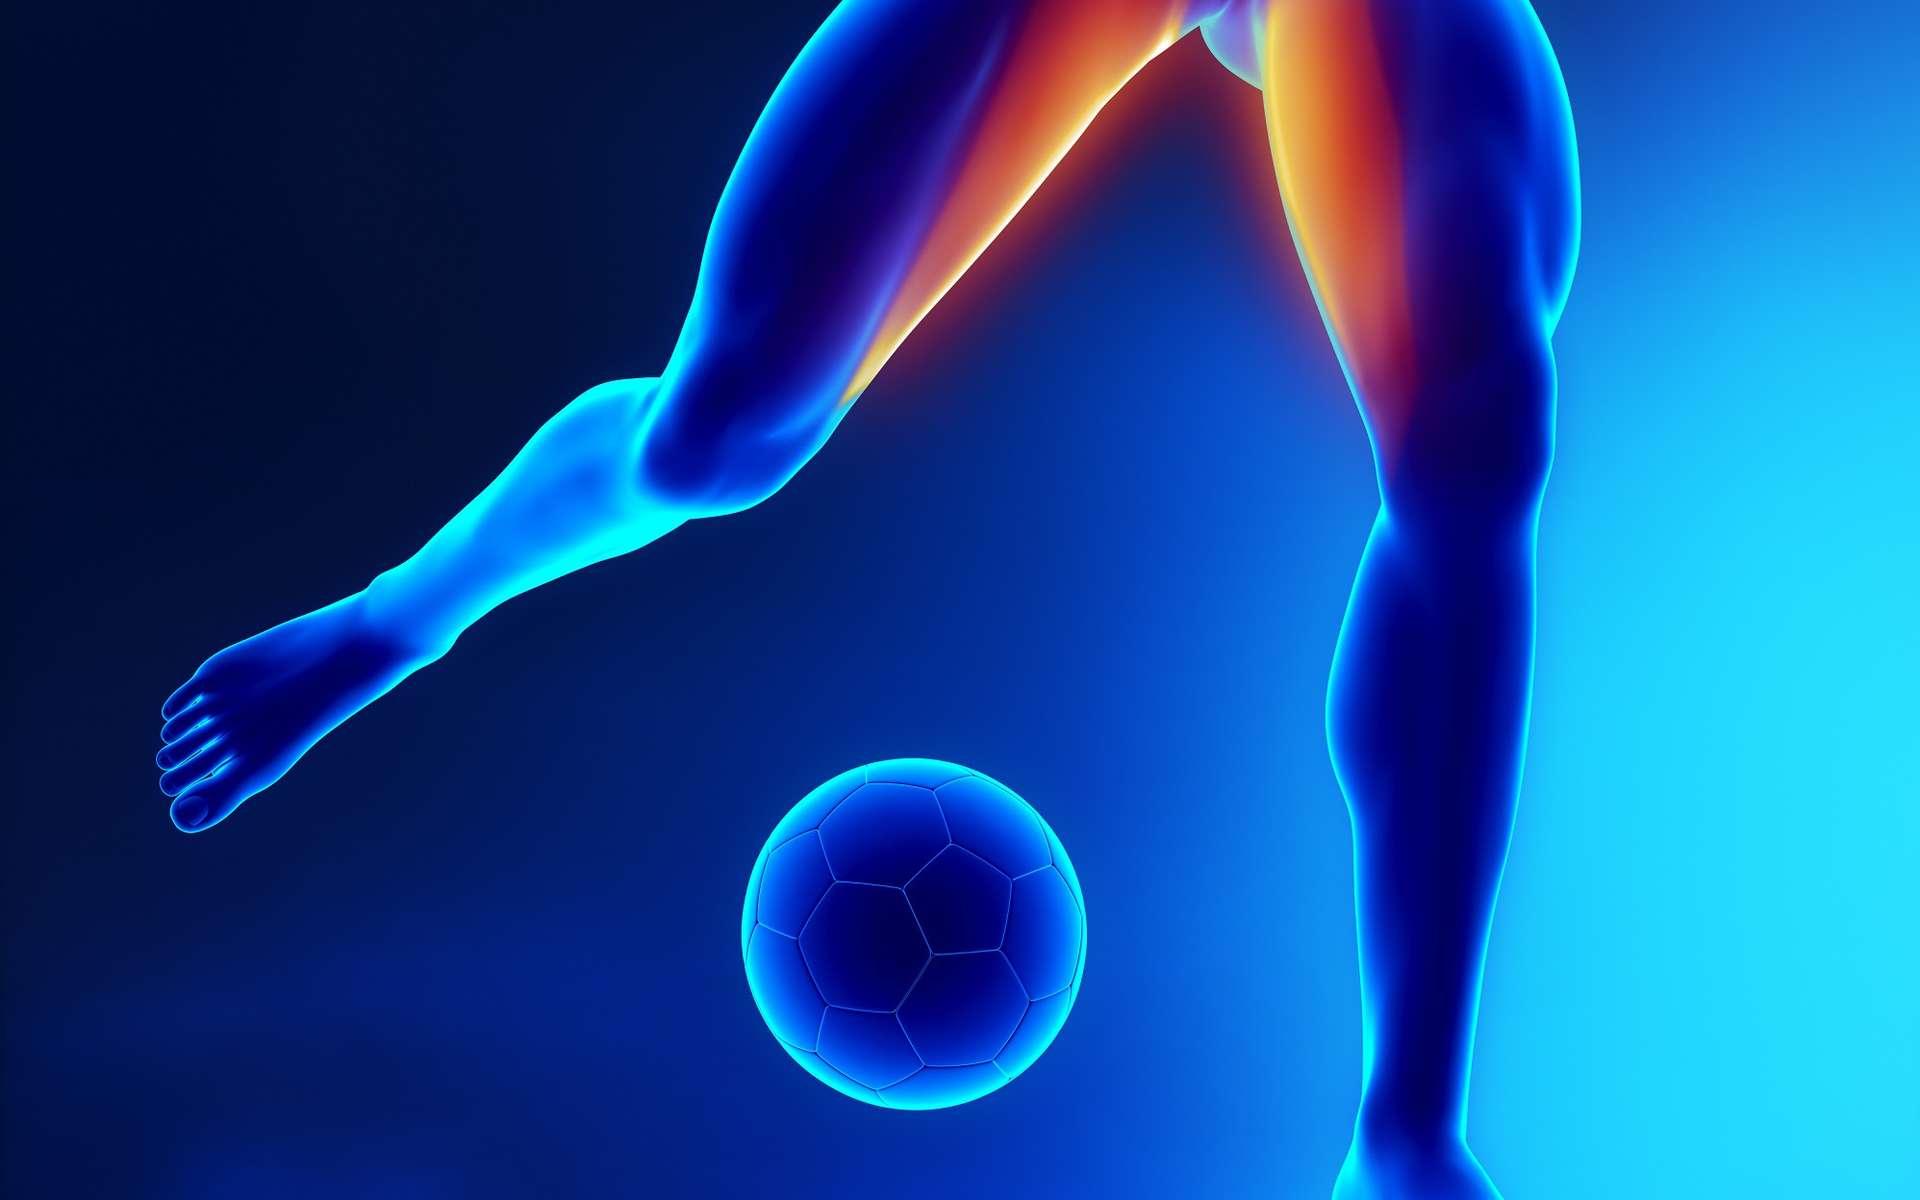 Le grand adducteur est un muscle qui permet de rapprocher une jambe de l'autre. Les blessures aux adducteurs sont fréquentes chez les sportifs comme les footballeurs. © CLIPAREA l Custom media, Shutterstock